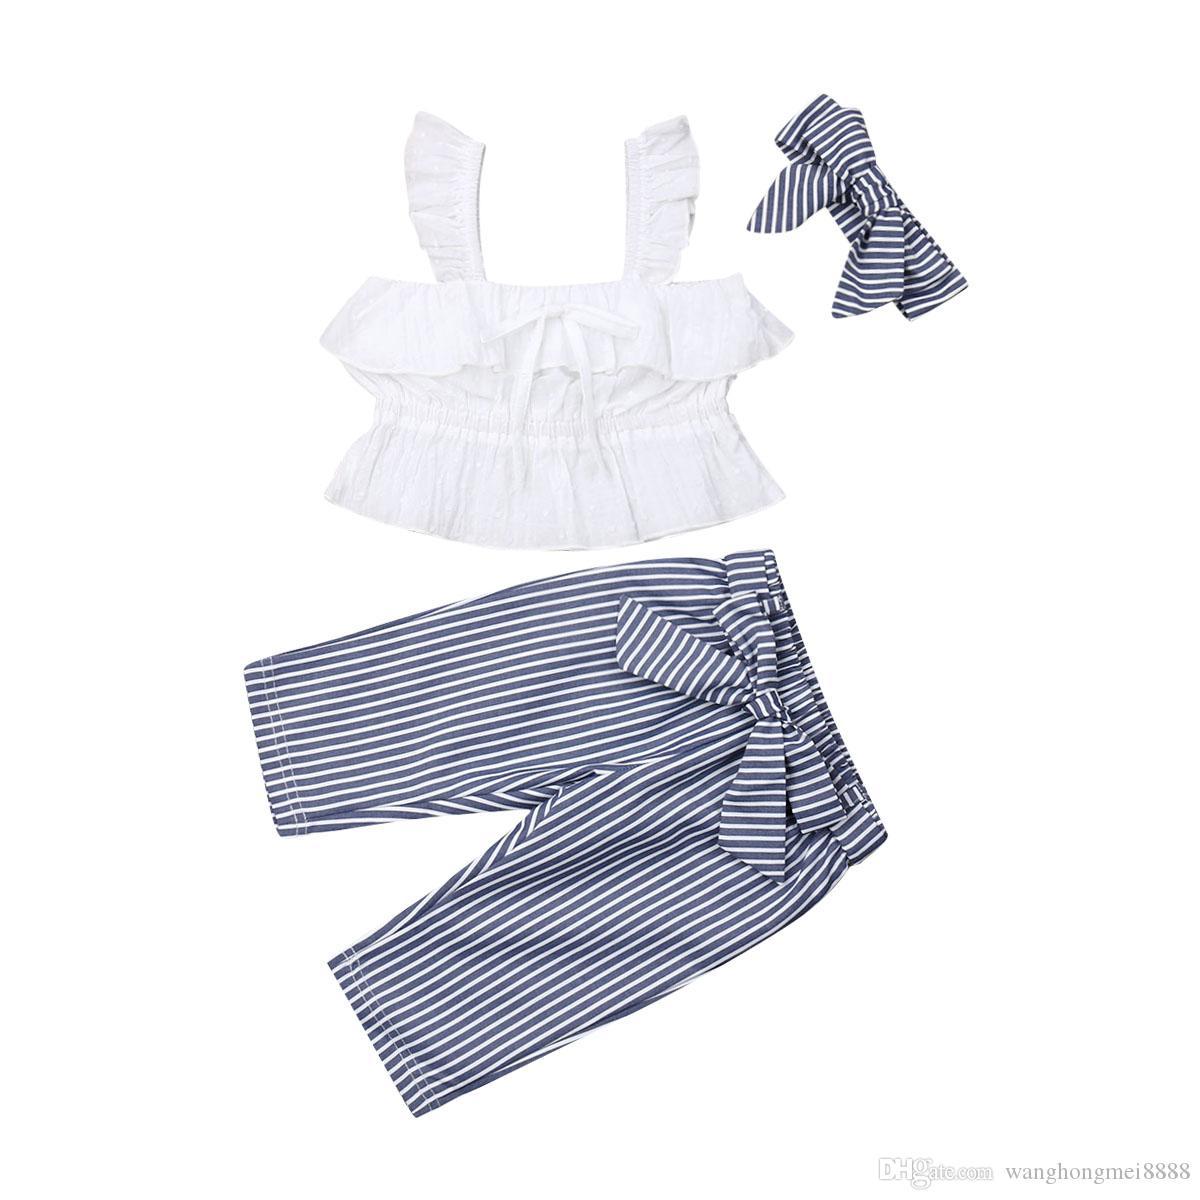 3 Adet Prenses Kız Elbise Set Rahat Yürüyor Çocuk Bebek Kız Beyaz Kolsuz Dantel Yelek Üstleri + Çizgili Yay Pantolon Rahat Kıyafetler